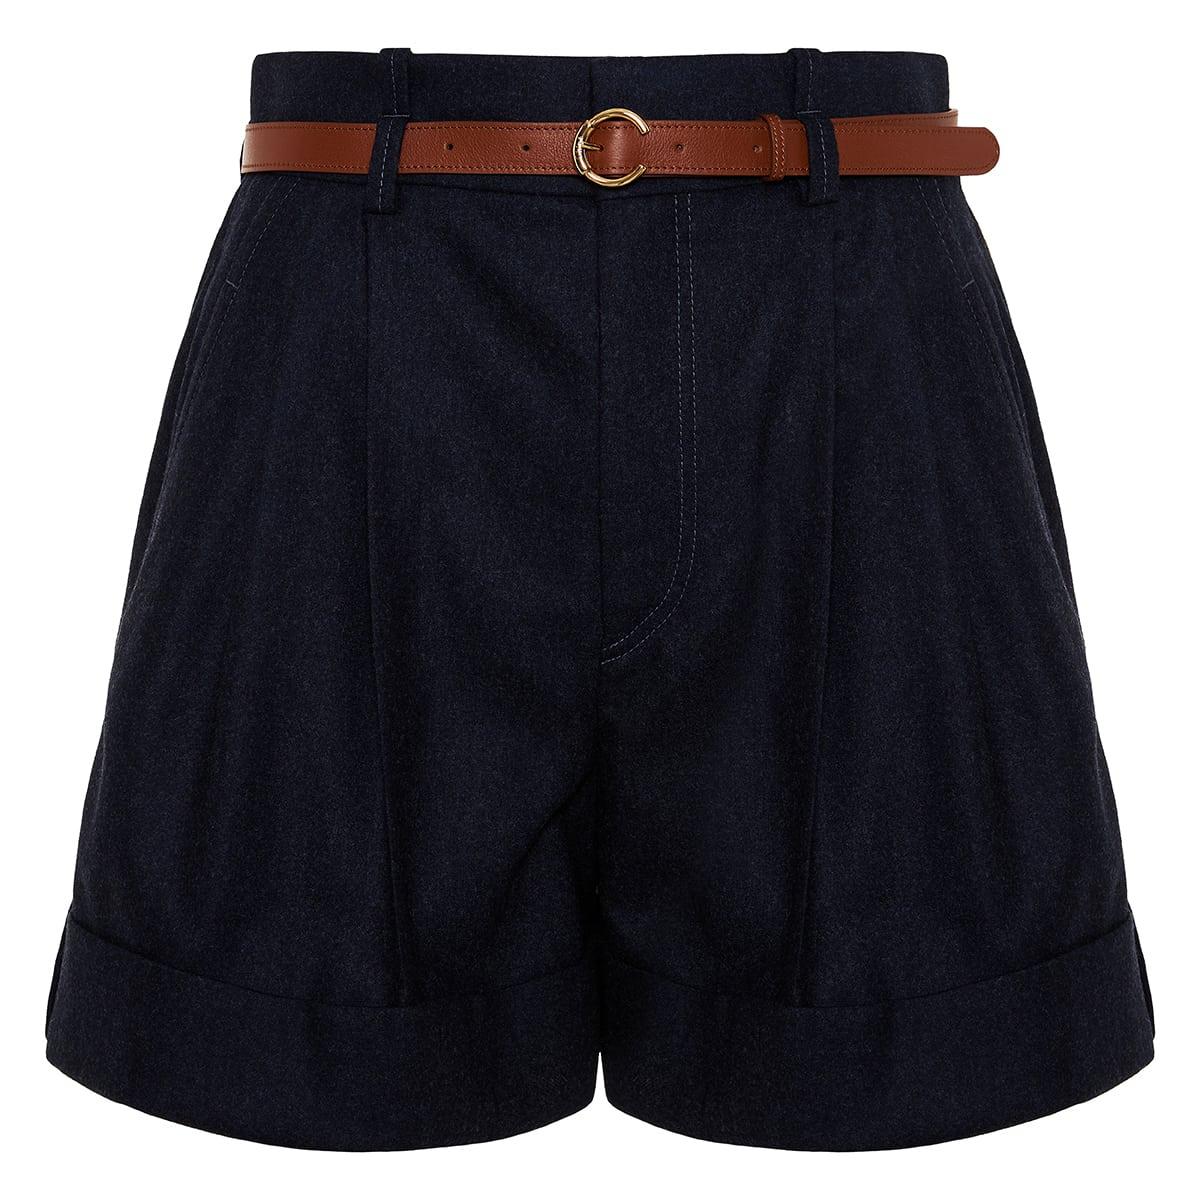 High-waist belted wool shorts